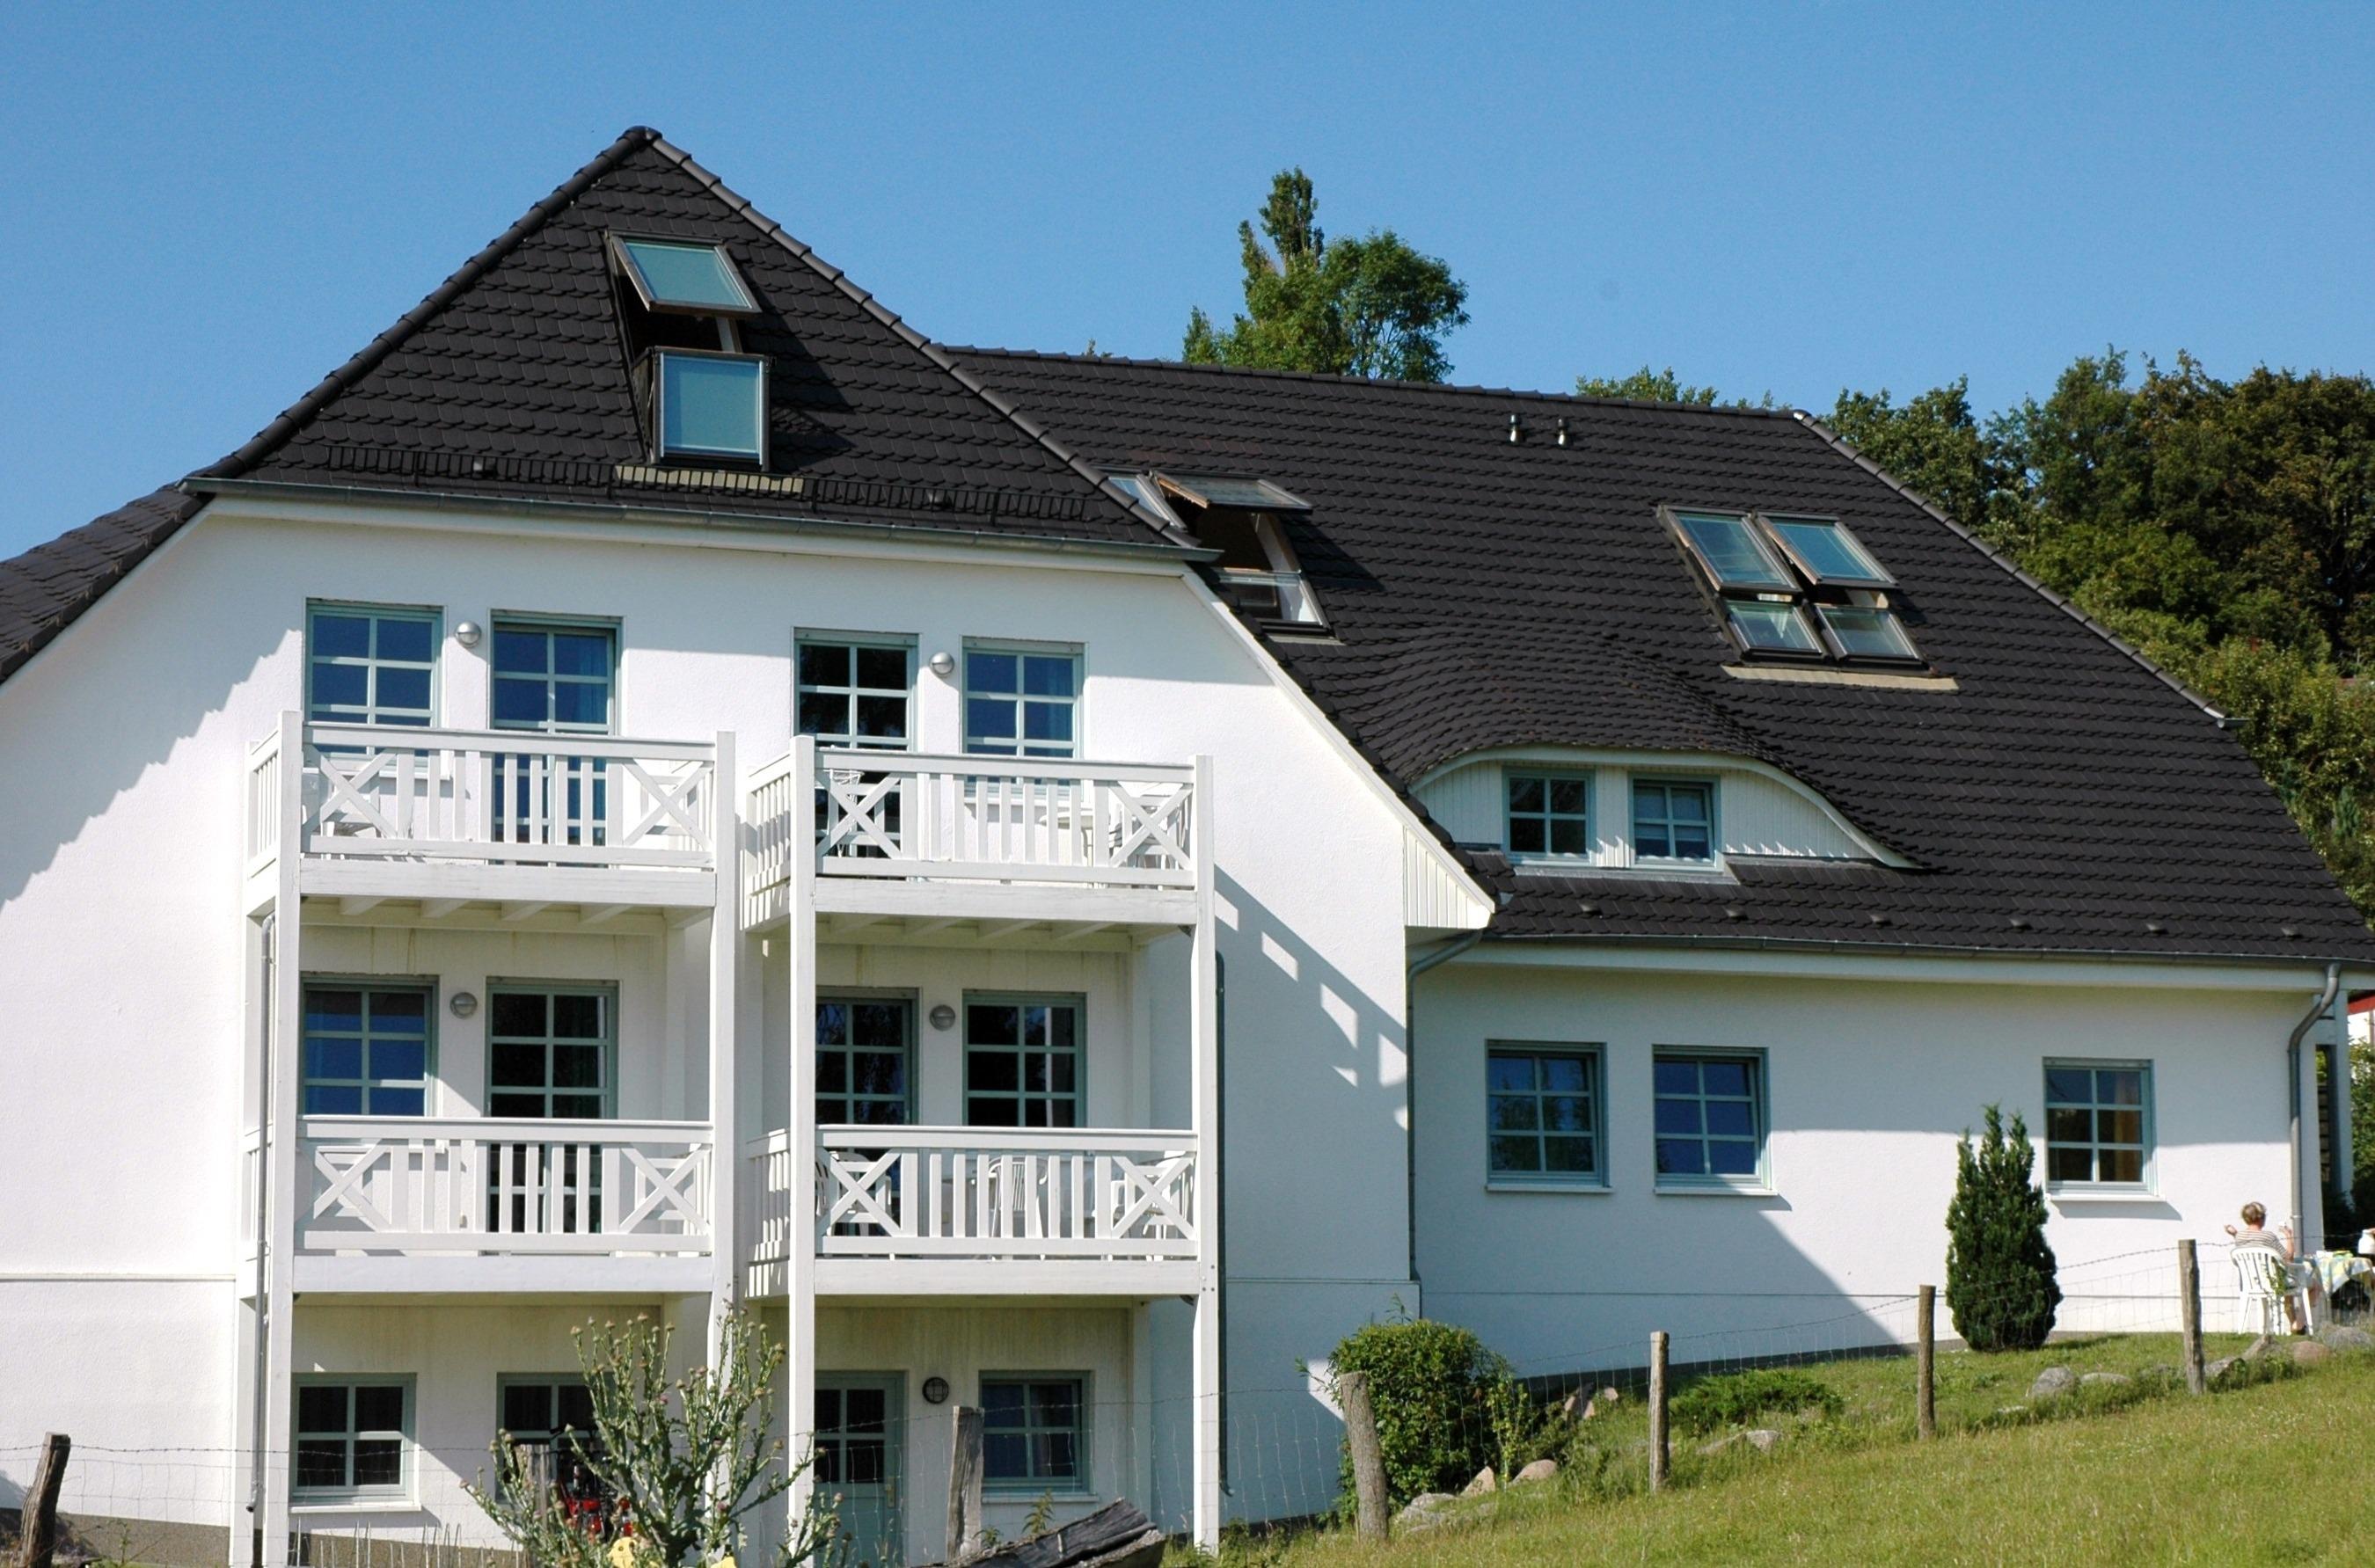 Ferienwohnung Südstrand ,Meerblick Schwimmbadnutzung, 2 Räder inklusive,Sauna (2568190), Göhren, Rügen, Mecklenburg-Vorpommern, Deutschland, Bild 14